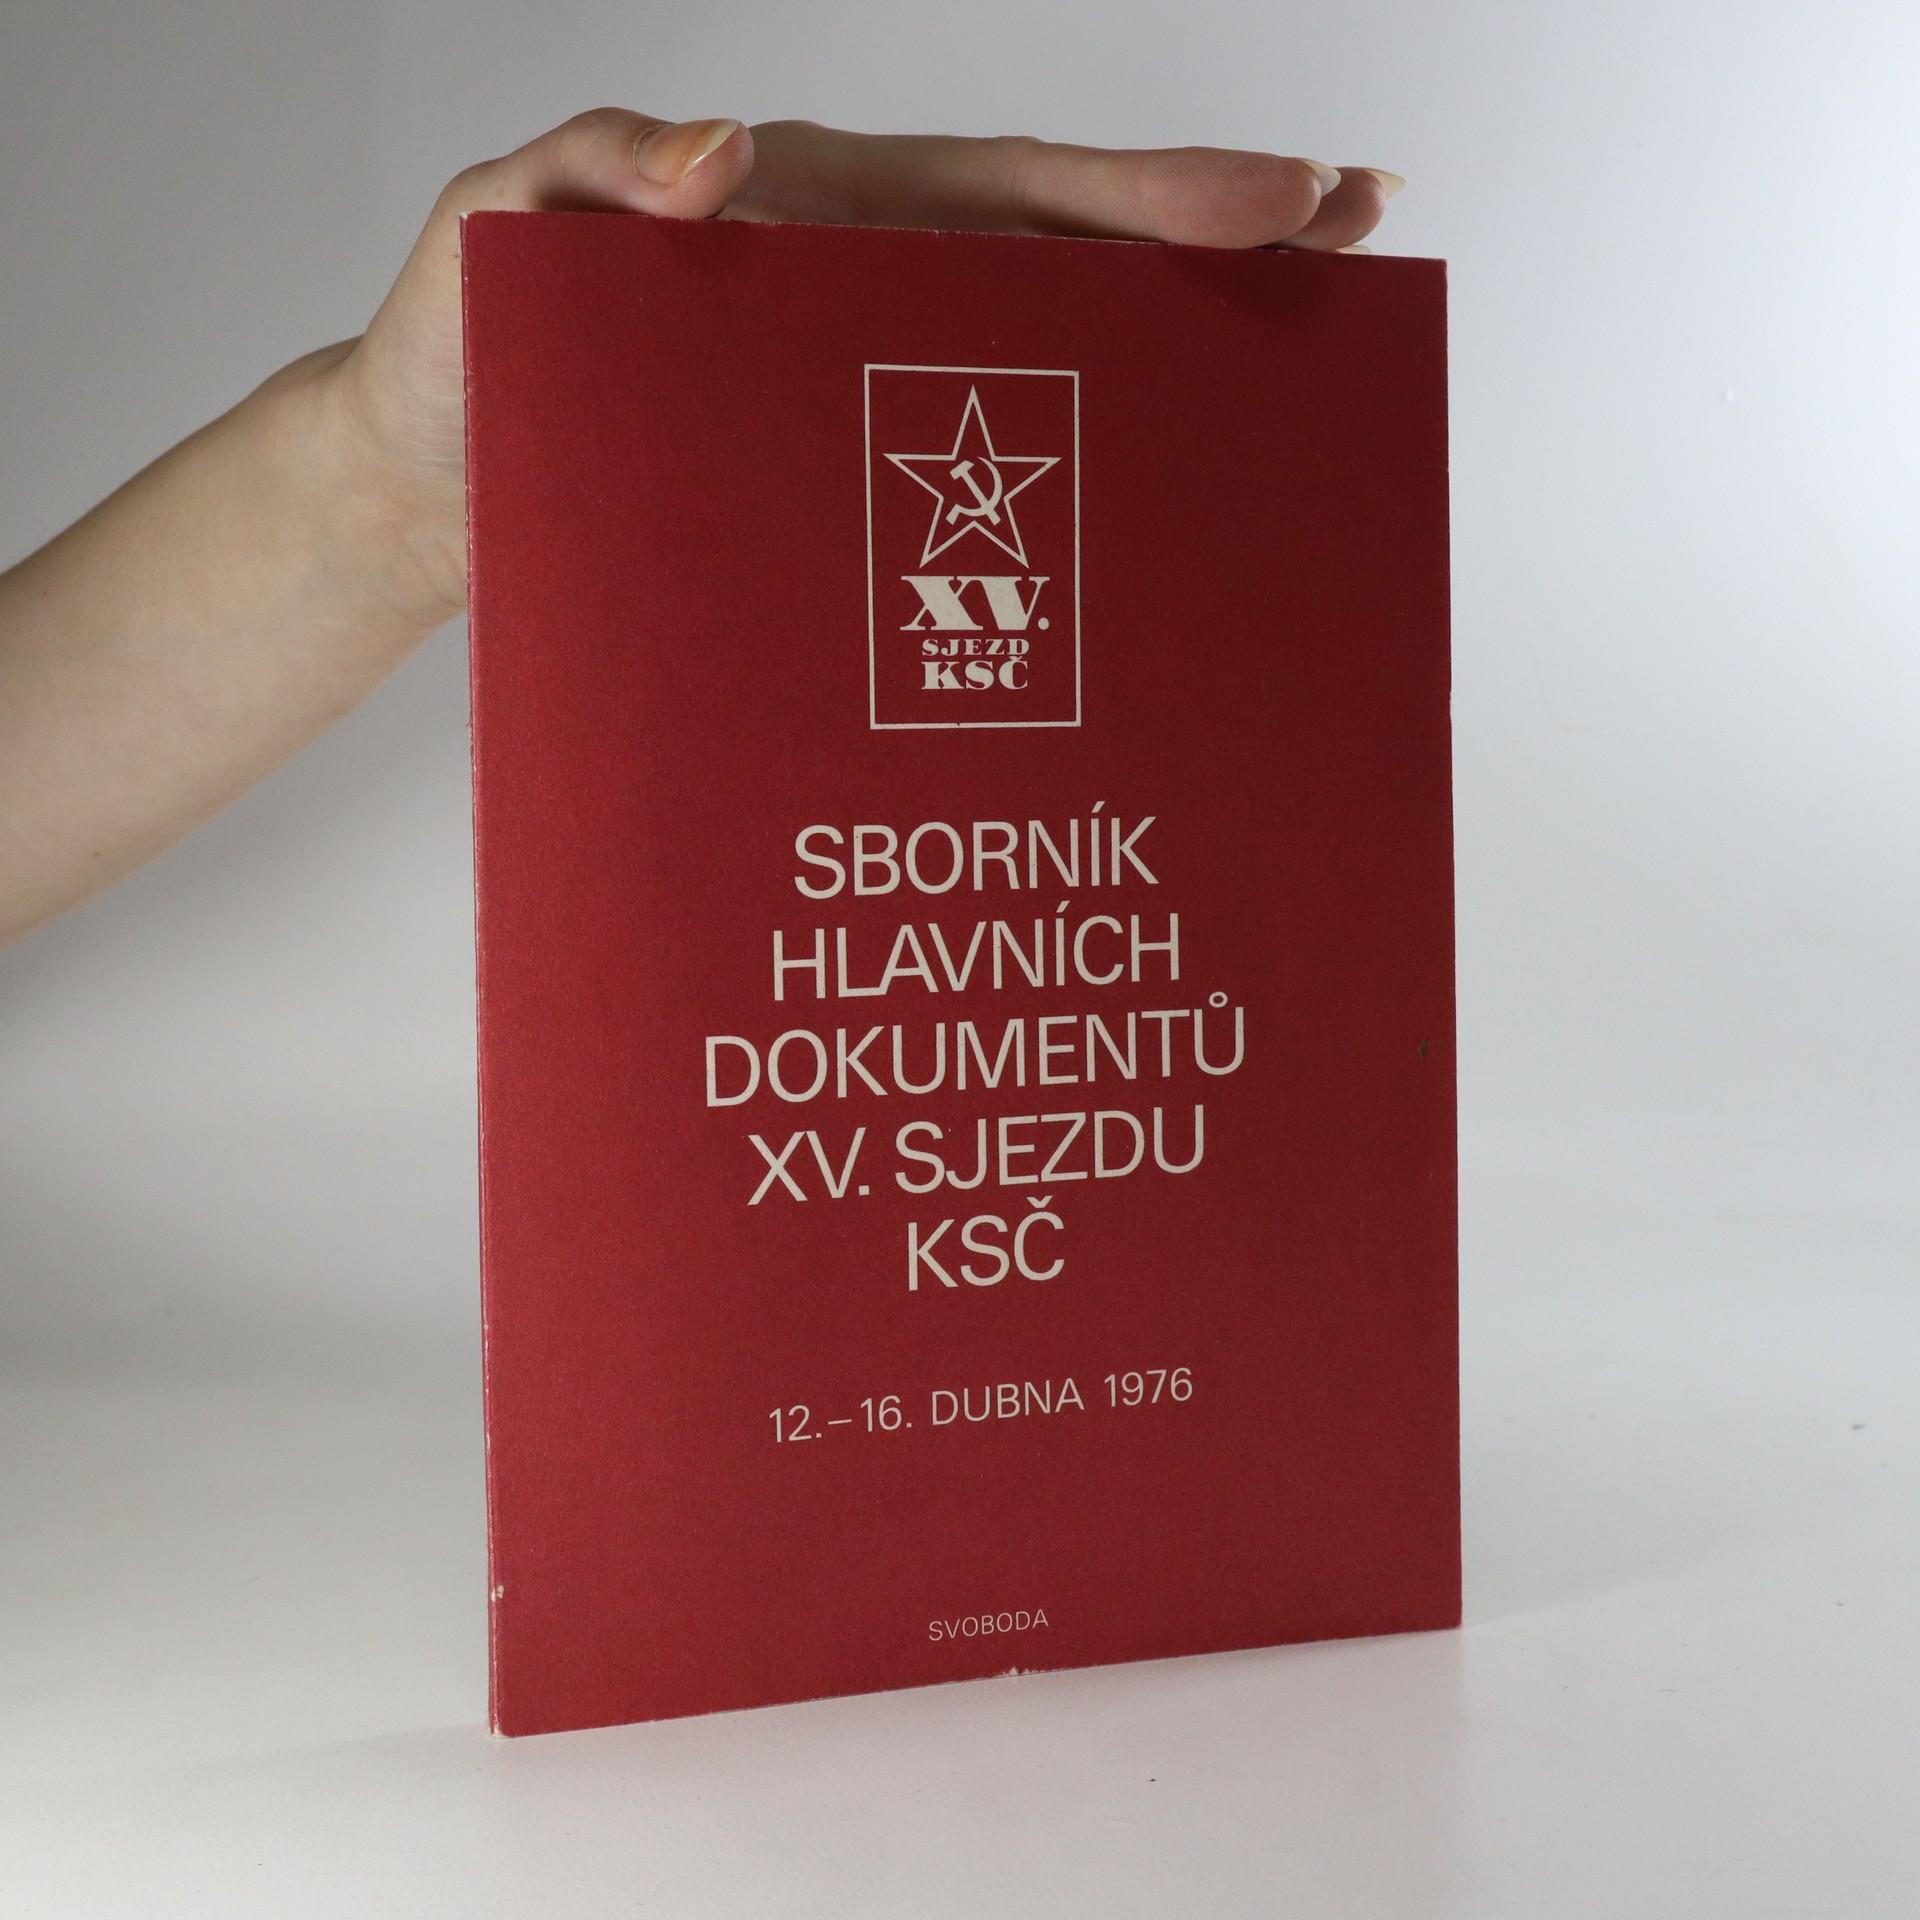 antikvární kniha Sborník hlavních dokumentů XV. sjezdu KSČ 12.-16. dubna 1976, 1976